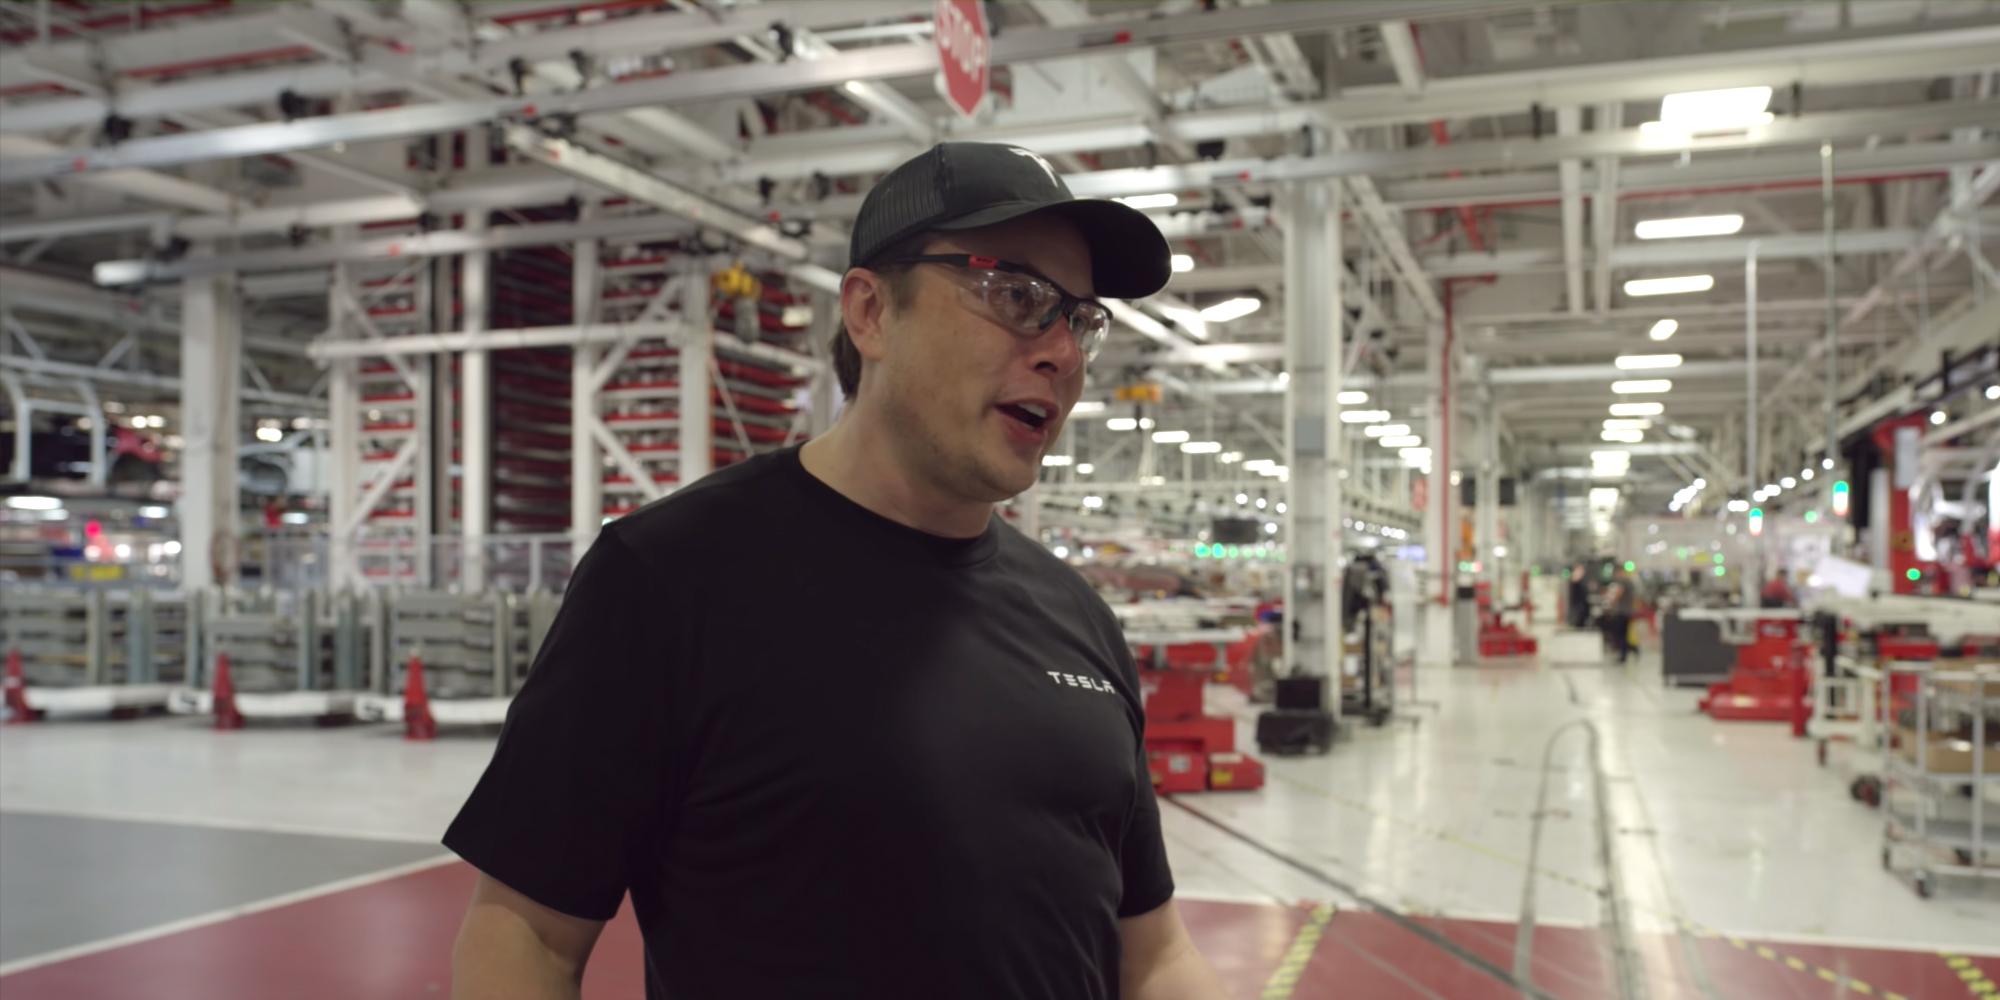 Elon Musk při nedávném rozhovoru z továrny Tesly